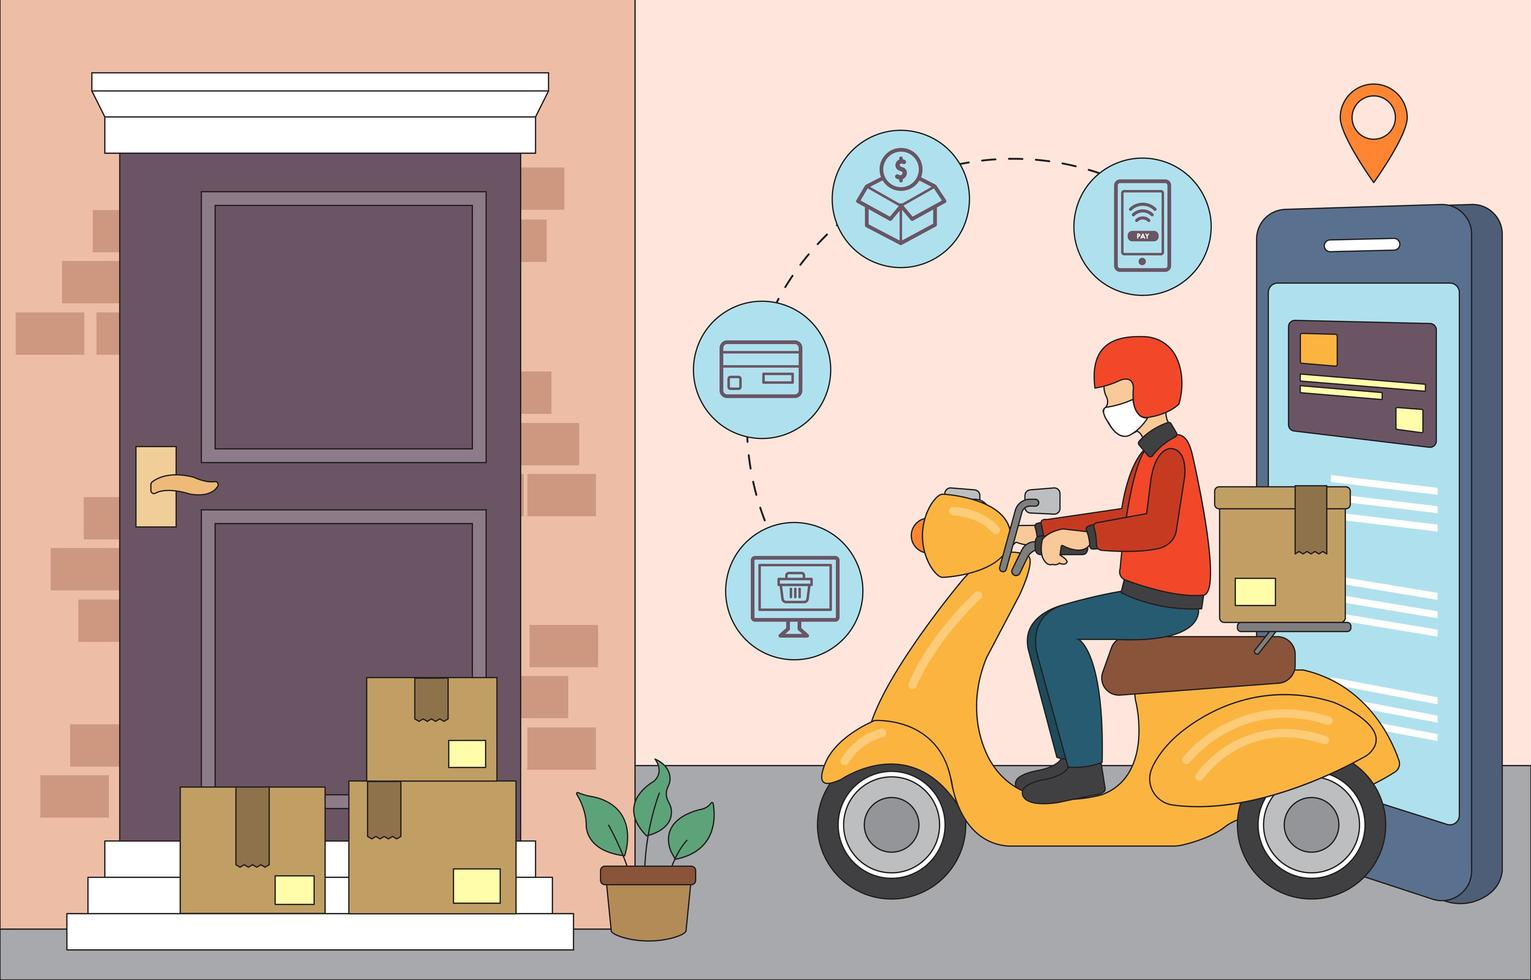 utilizar las compras en línea durante la pandemia vector